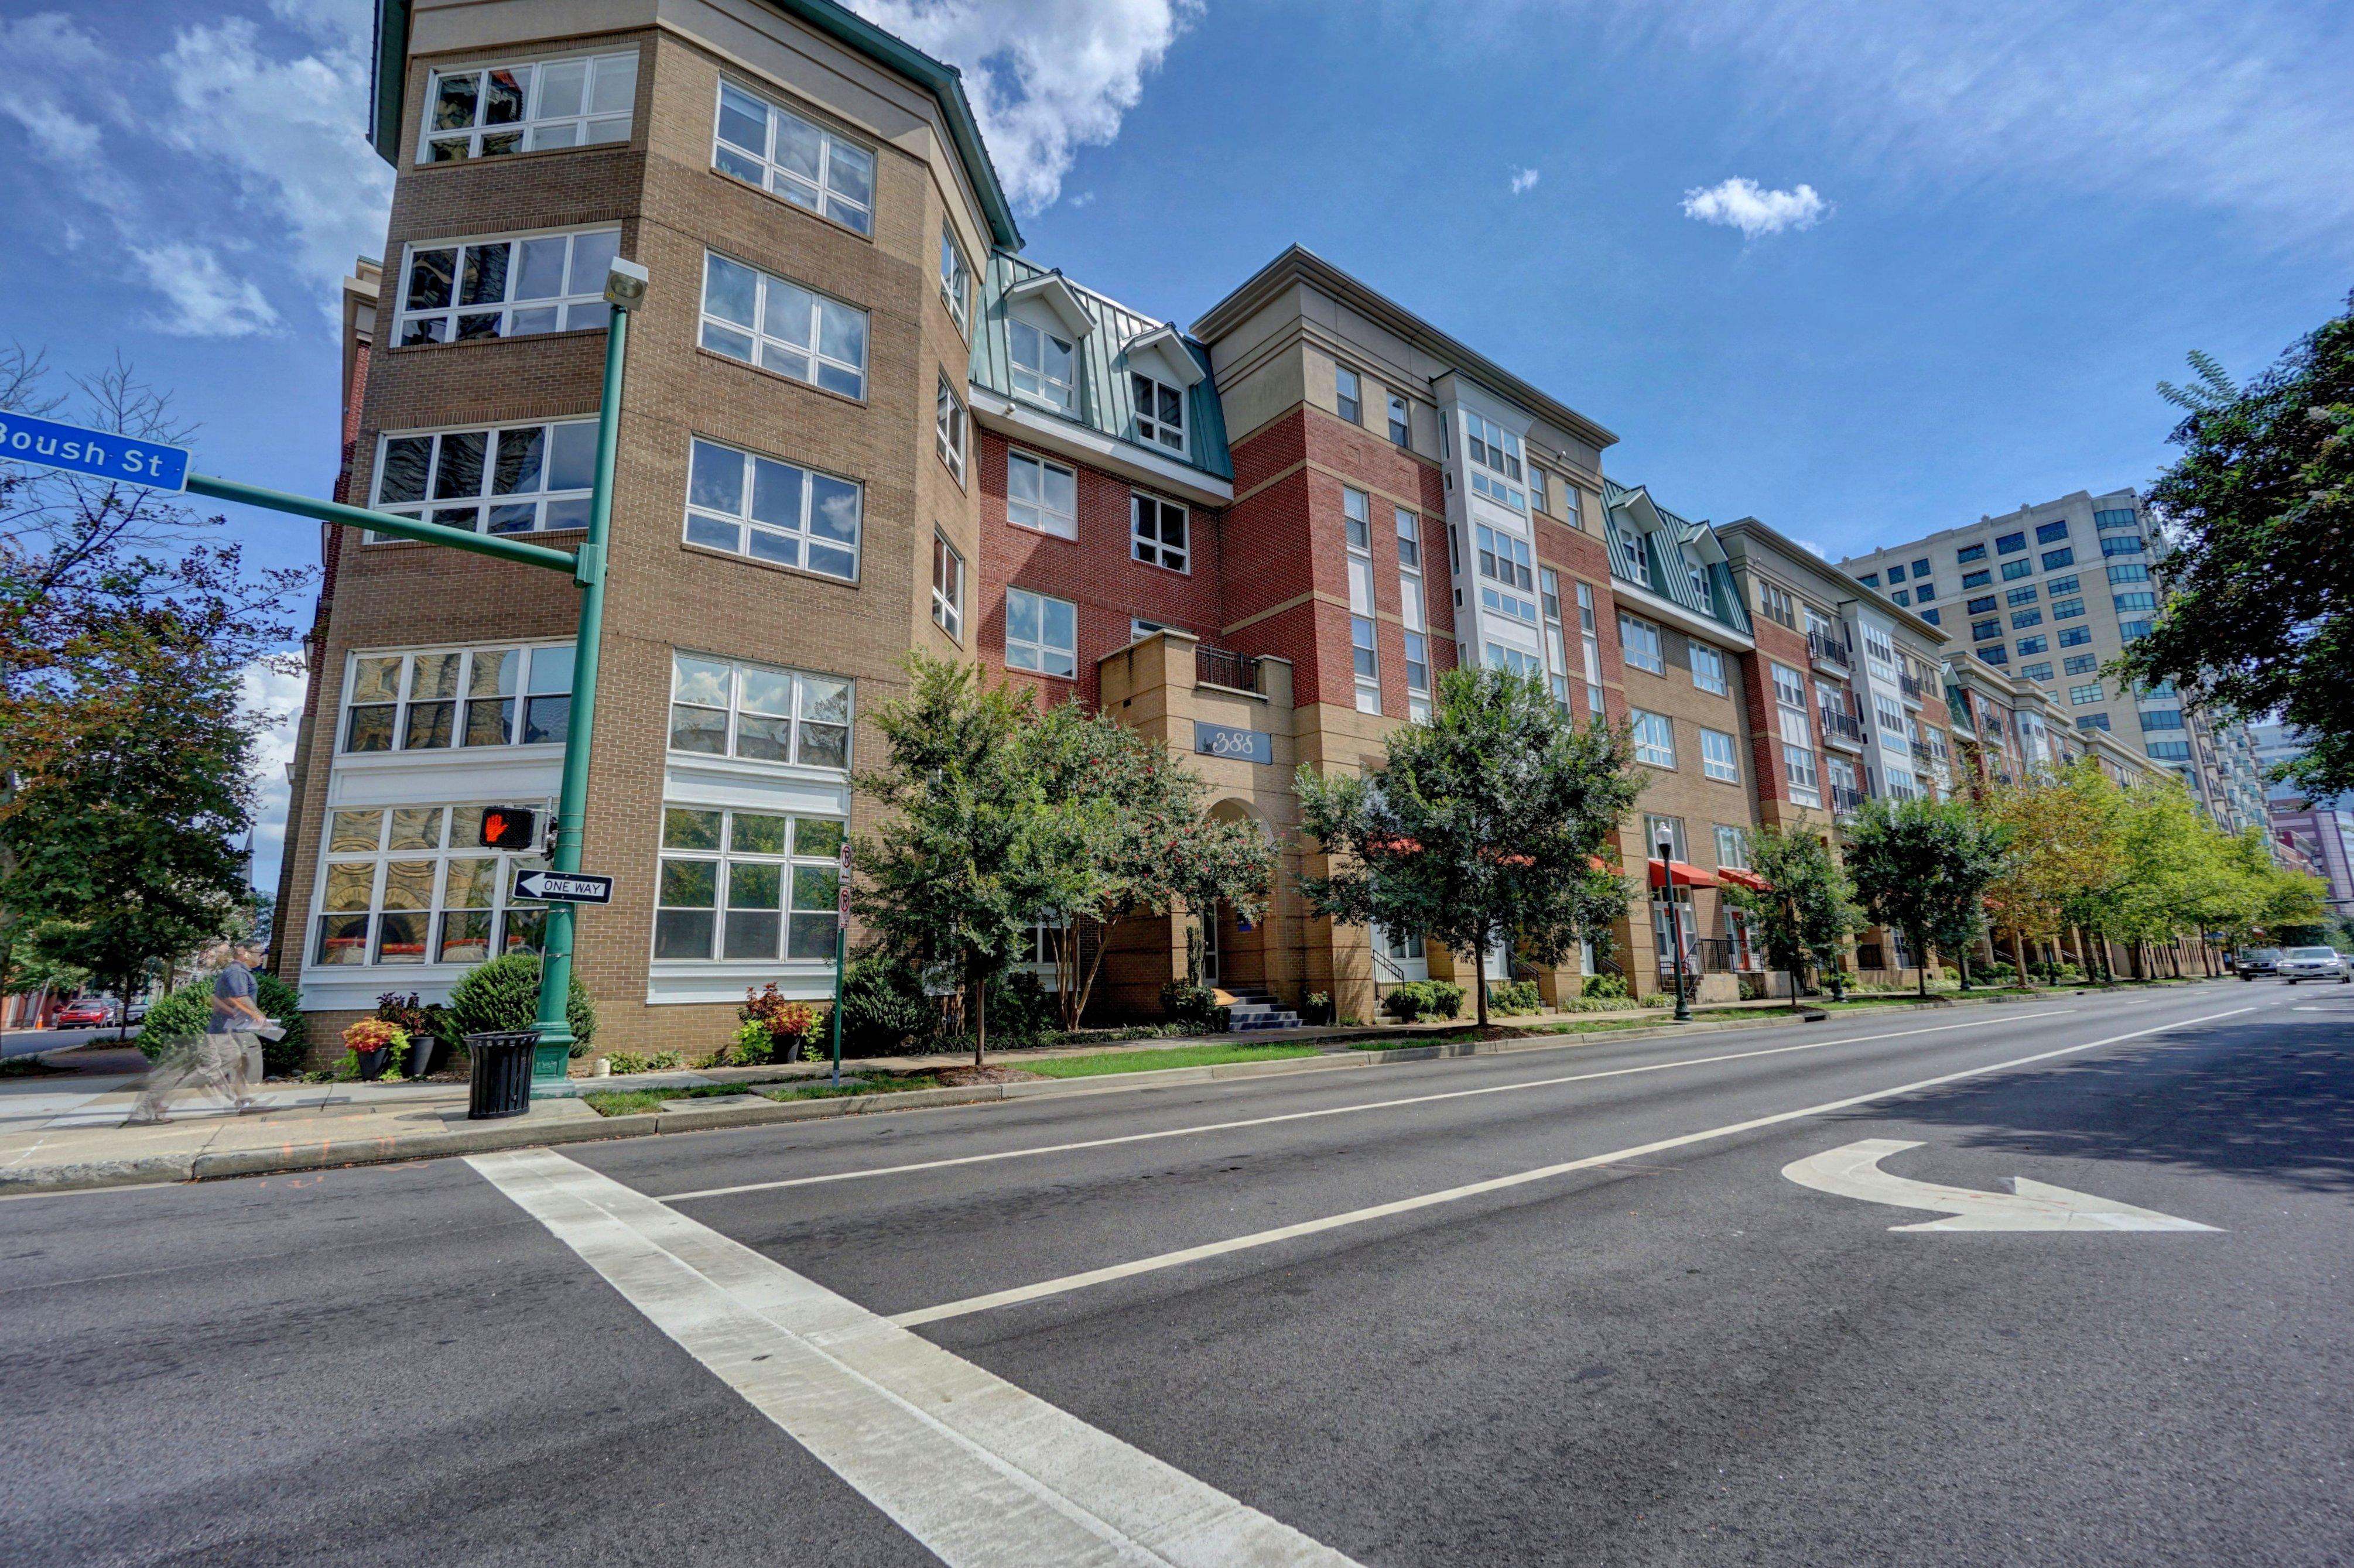 388 Boush Street #414: Sold!